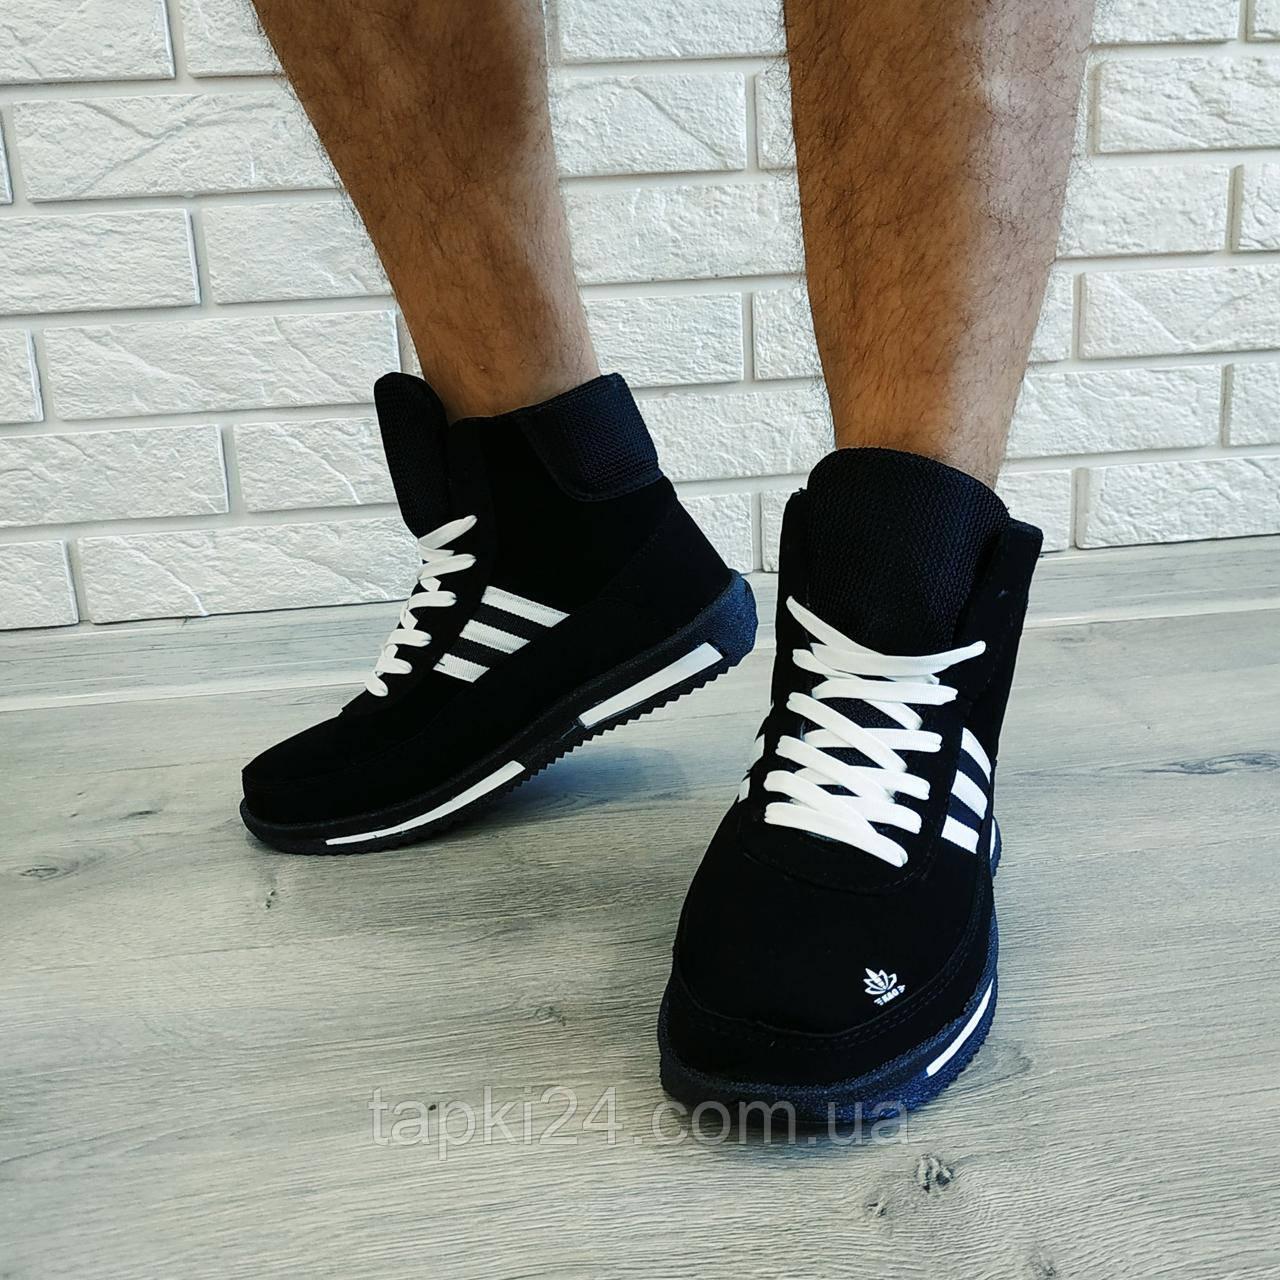 161e228ba Ботинки мужские зимние оптом K&G черные: заказ, цены в Хмельницком ...